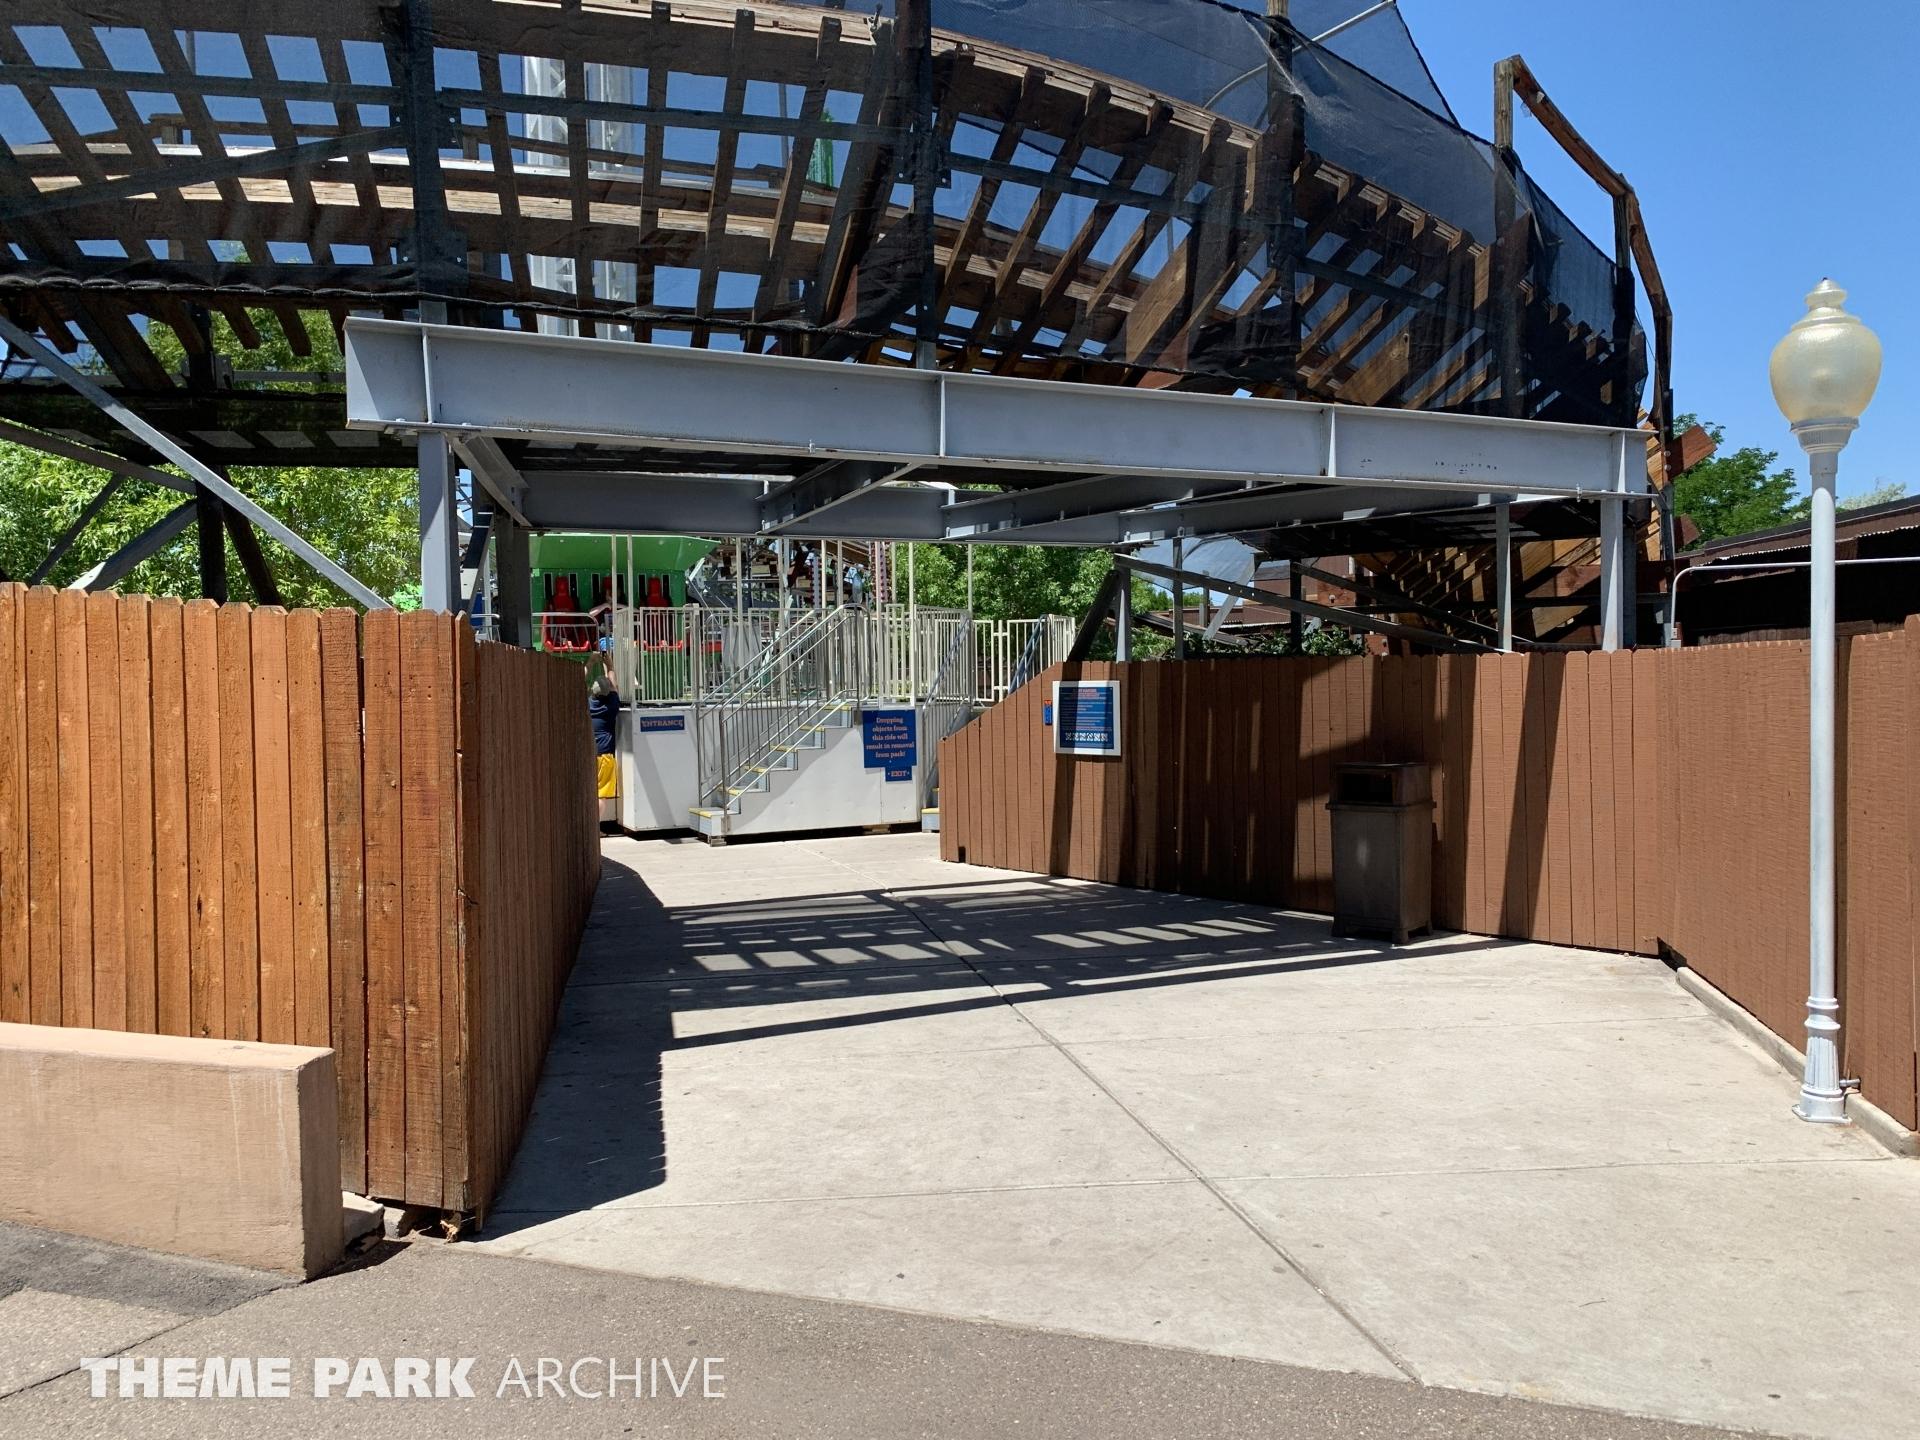 CliffHanger at Cliff's Amusement Park